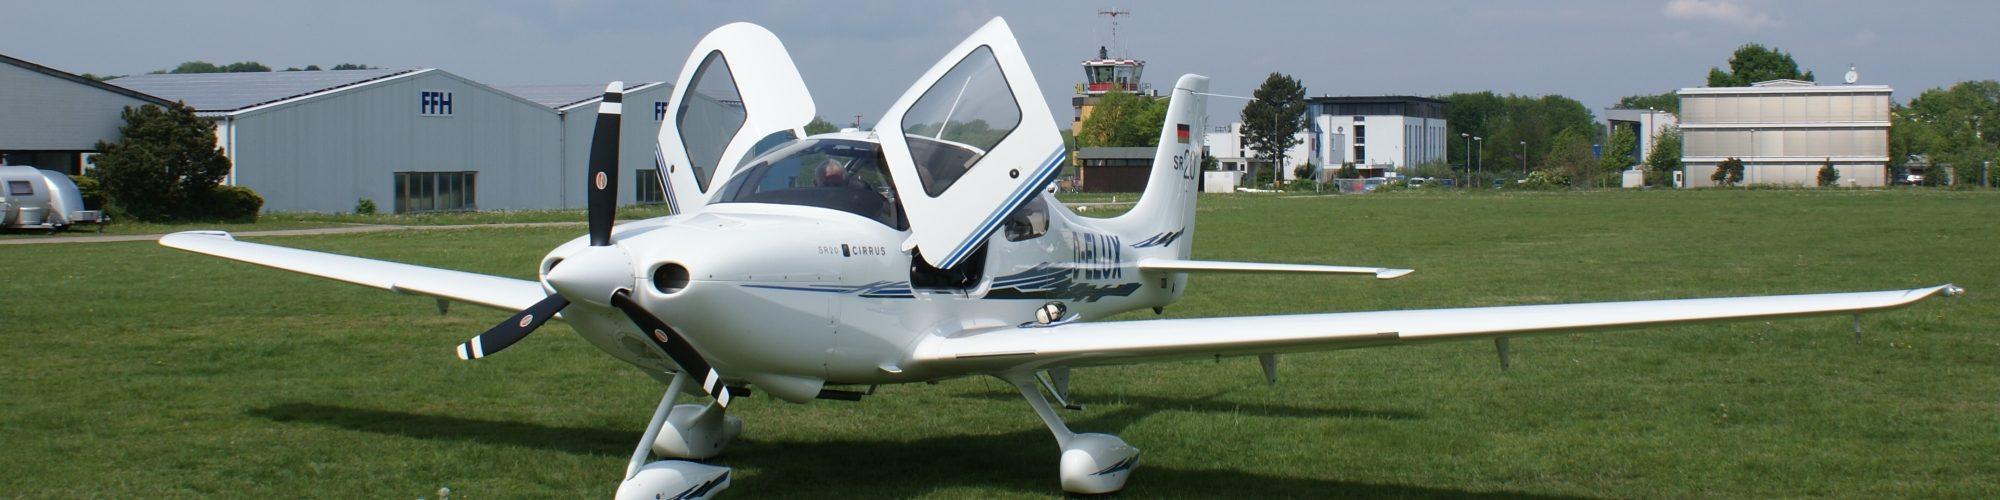 Cirrus SR 20 - D-ELUX